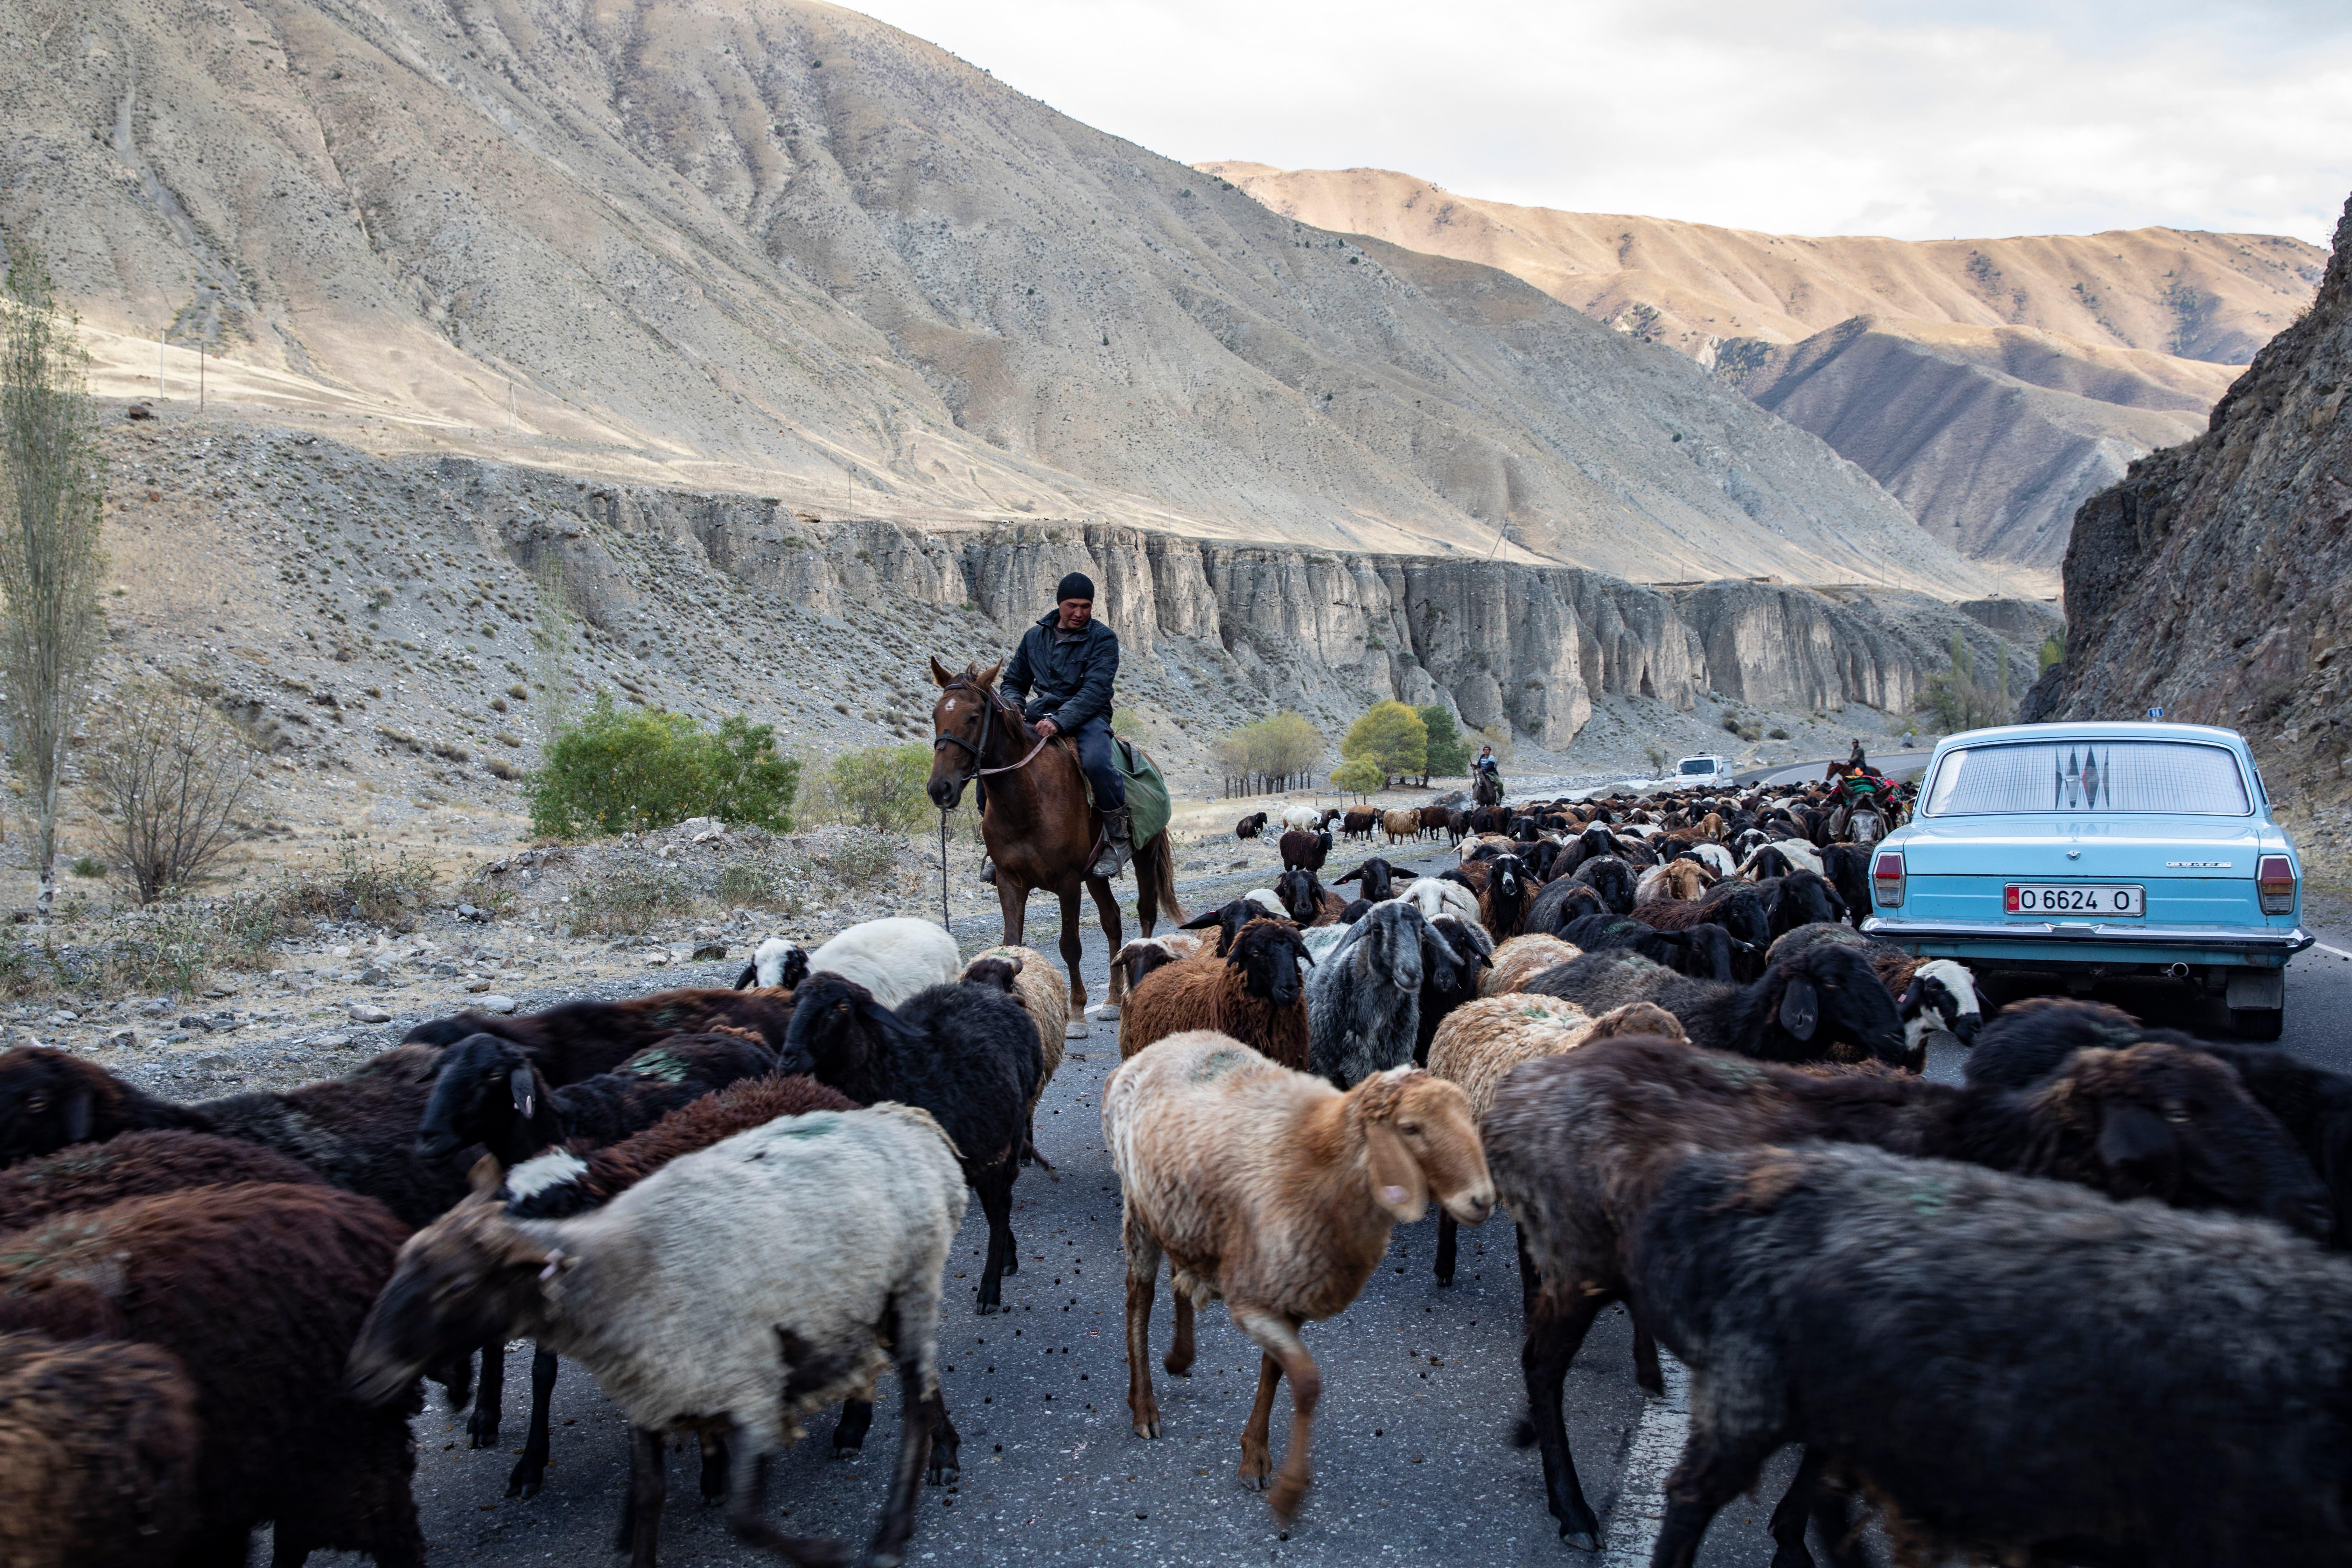 Auf der Auffahrt zum 3600 m ü. M. gelegenen Taldyk-Pass in Kirgistan treibt ein Schafbauer seine Herde vor sich her.